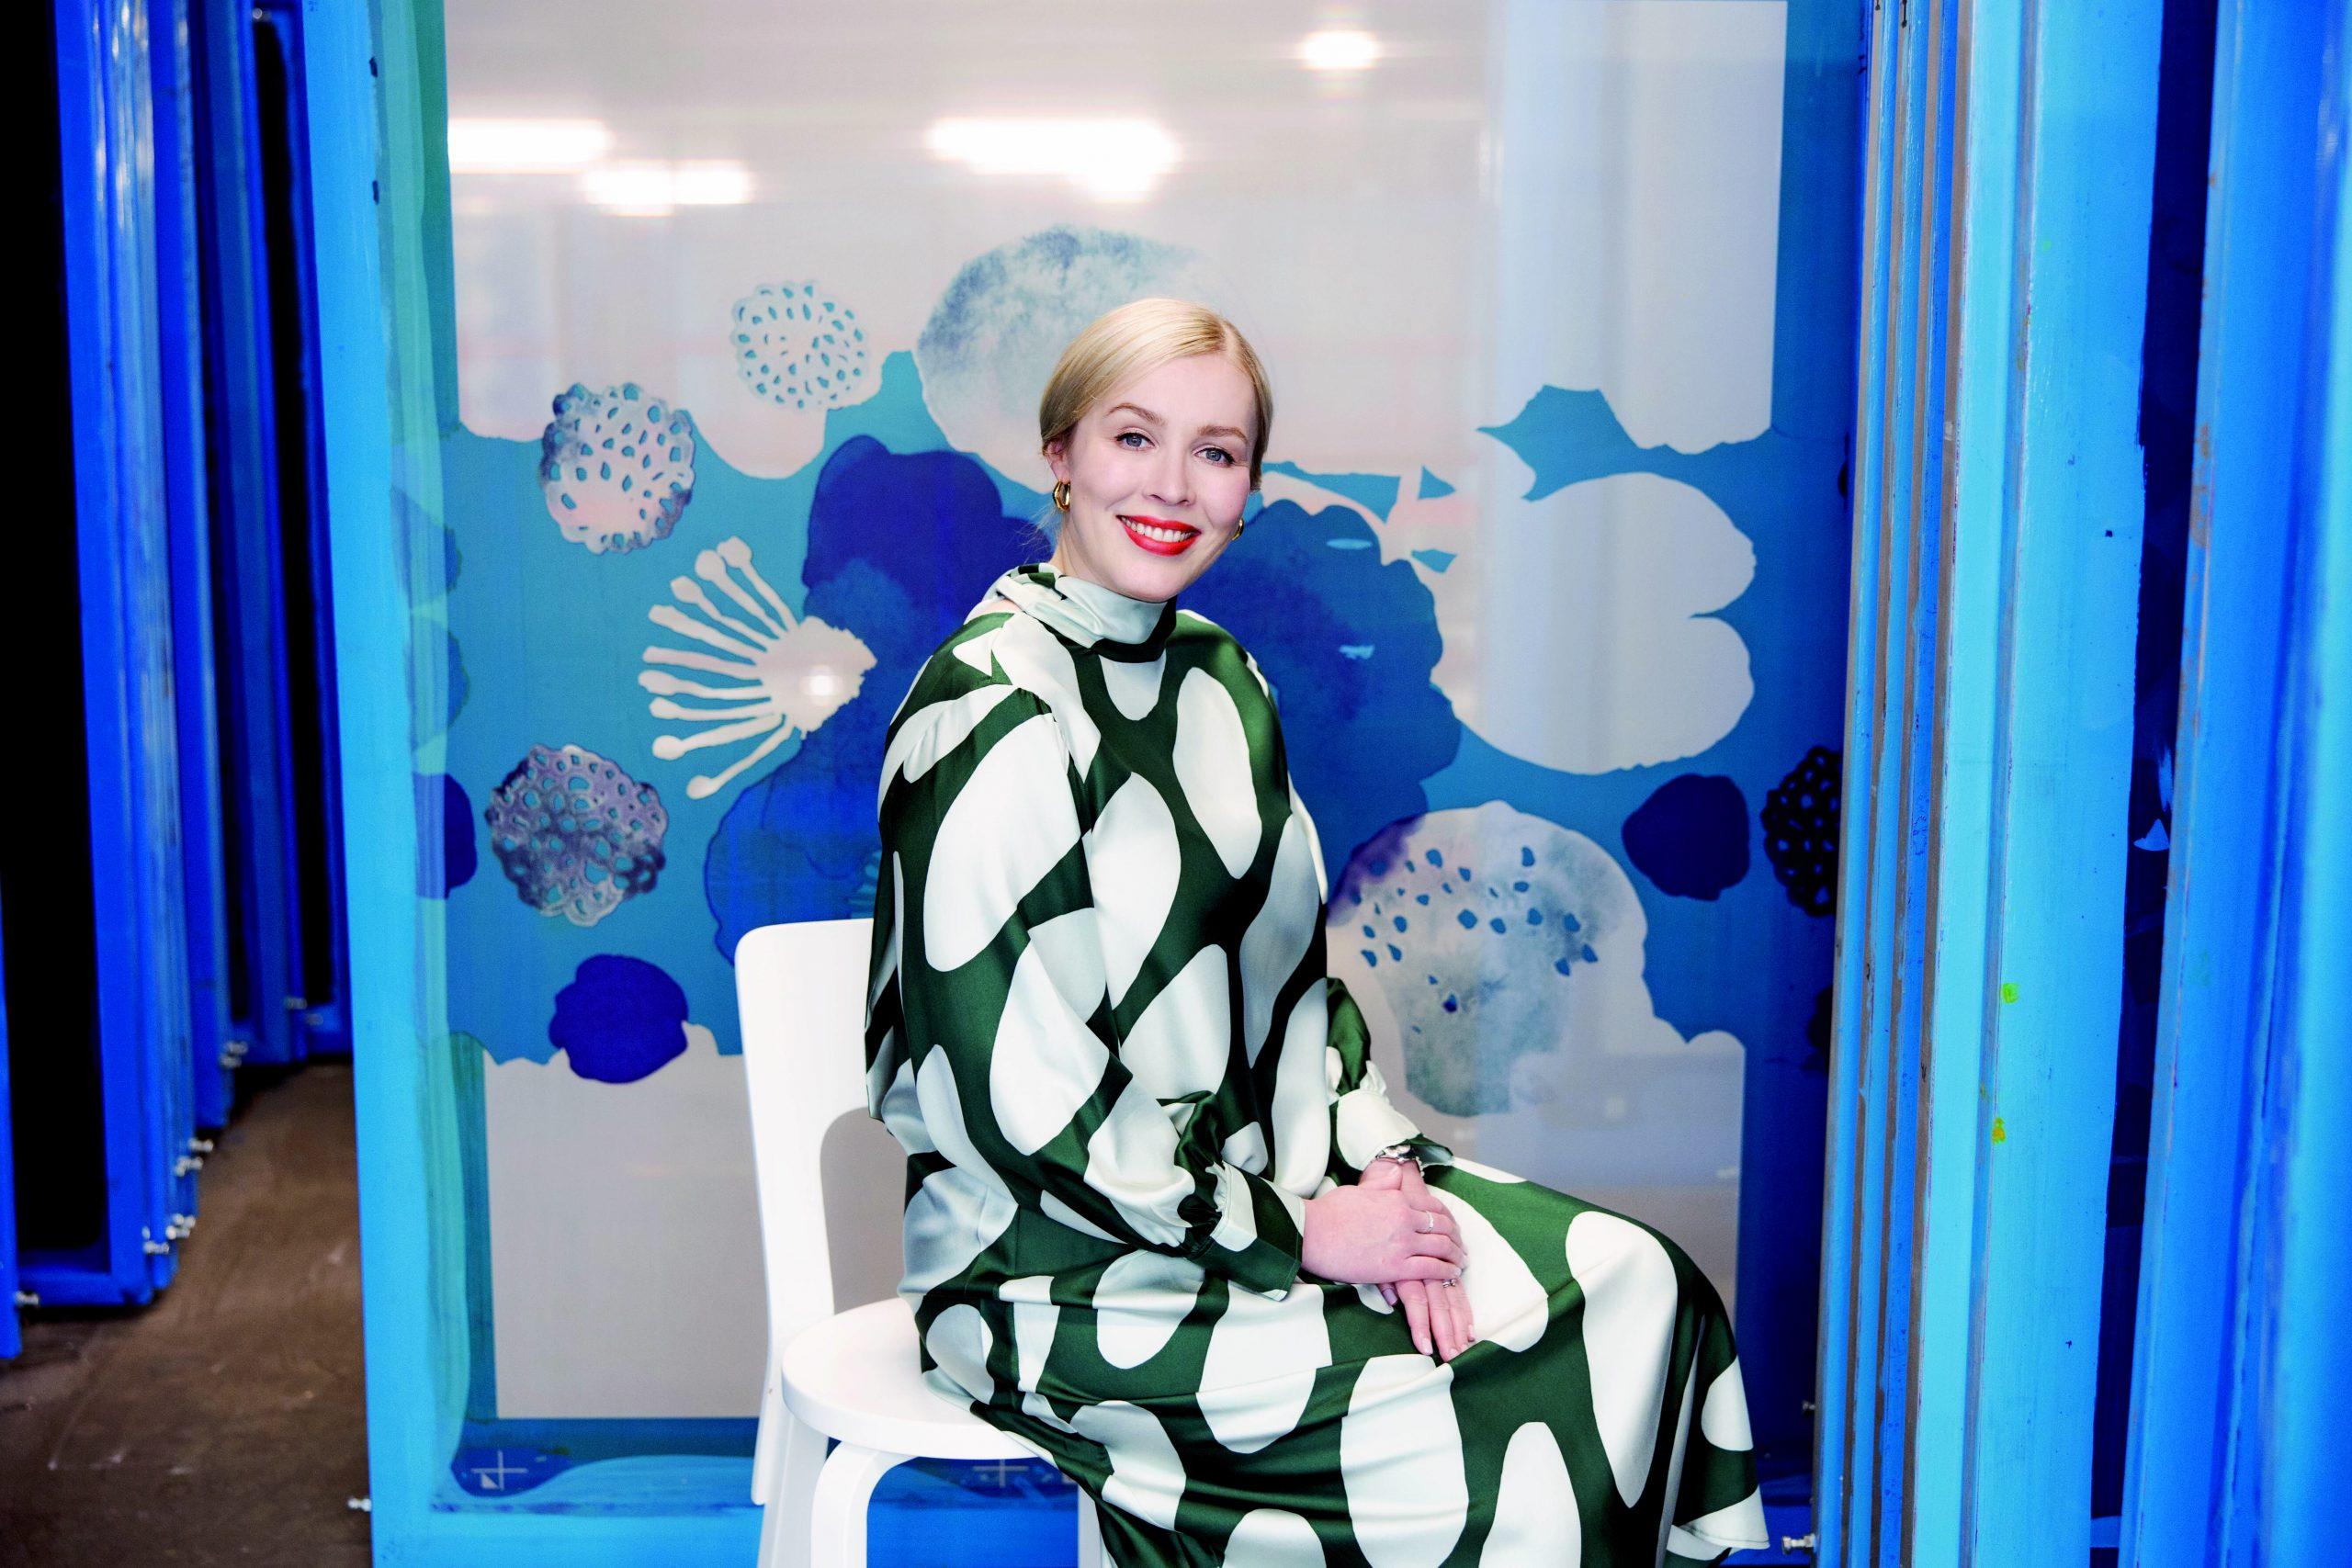 Marimekko 与时尚潮流无关!《华丽志》独家专访品牌总裁 Tiina Alahuhta-Kasko